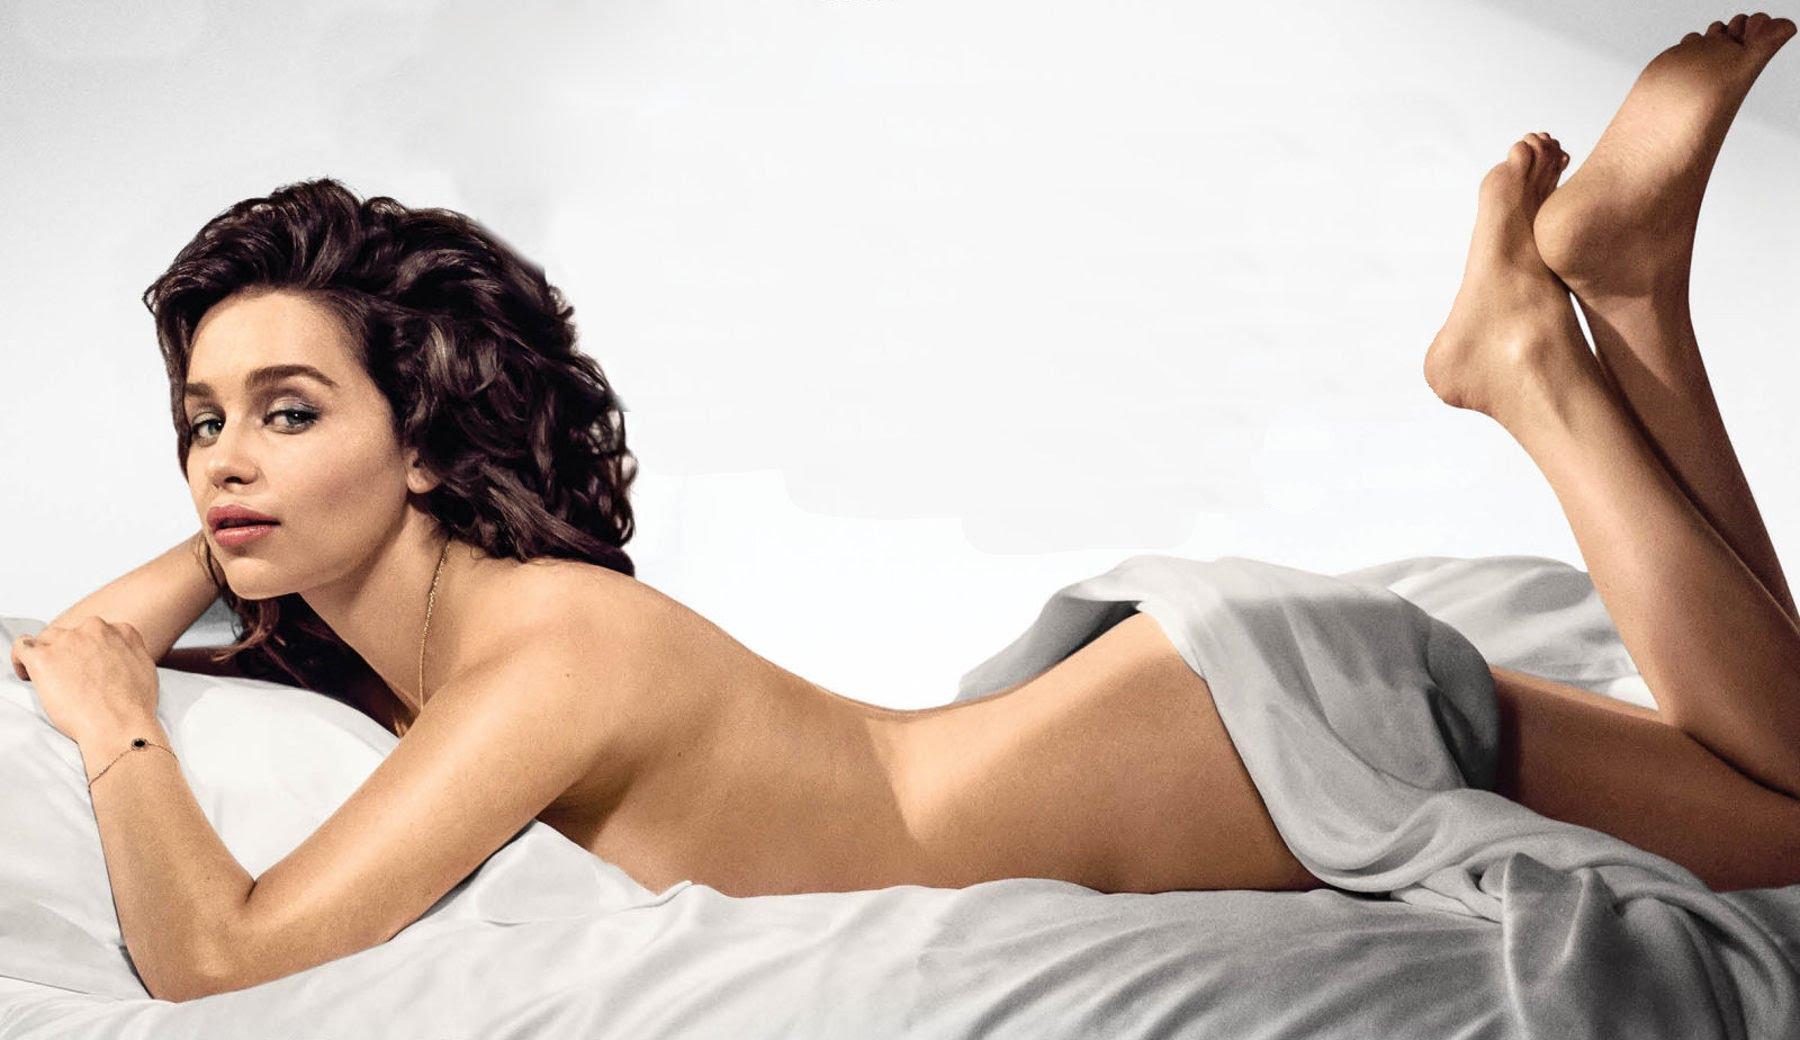 Juego De Tronos Emilia Clarke Quiere Mas Desnudos Masculinos